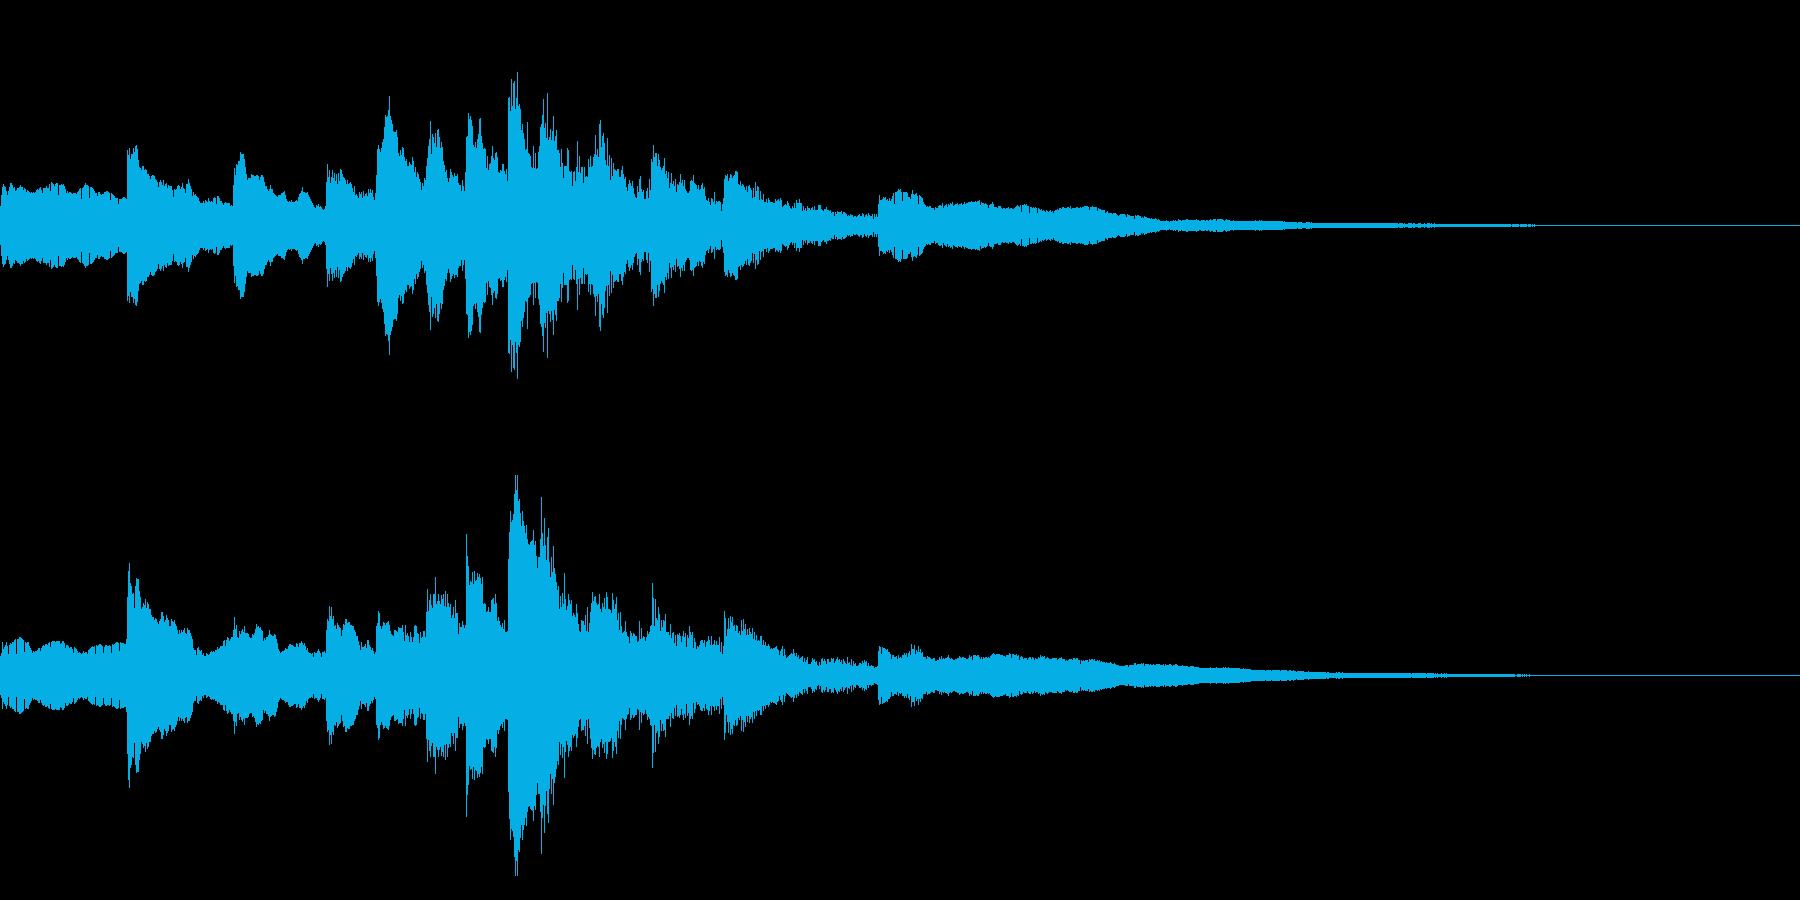 インドにいる気分になる効果音の再生済みの波形